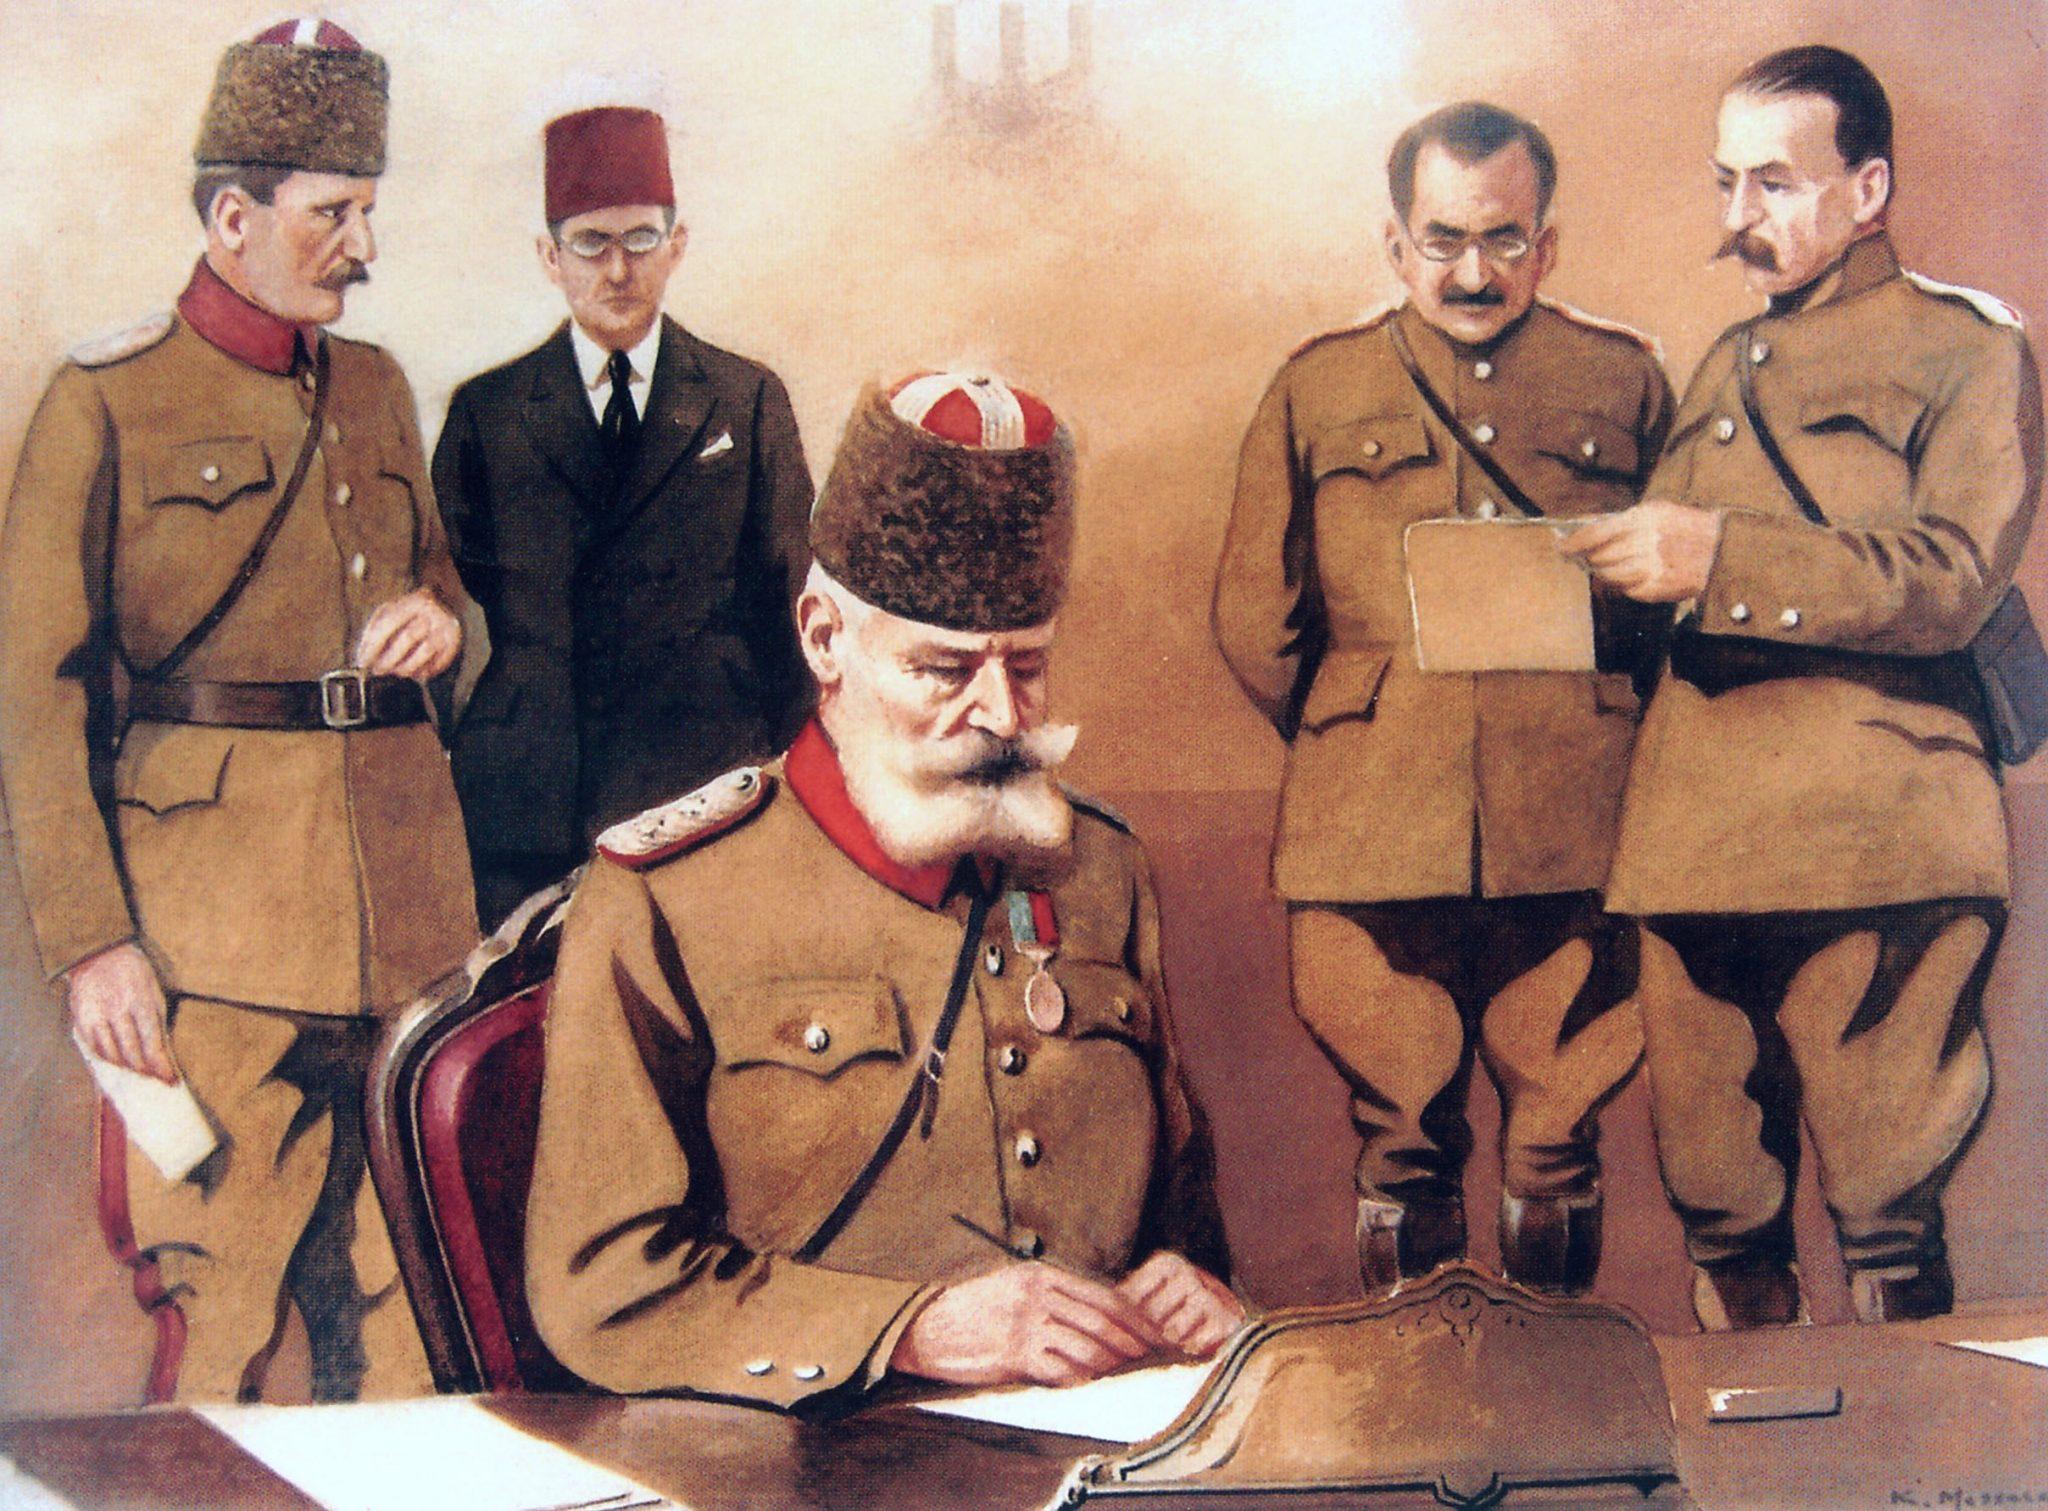 Από τους Έλληνες πήραμε την πόλη και στους Έλληνες θα την παραδώσουμε: ένας Τούρκος, πραγματικός φιλέλληνας;